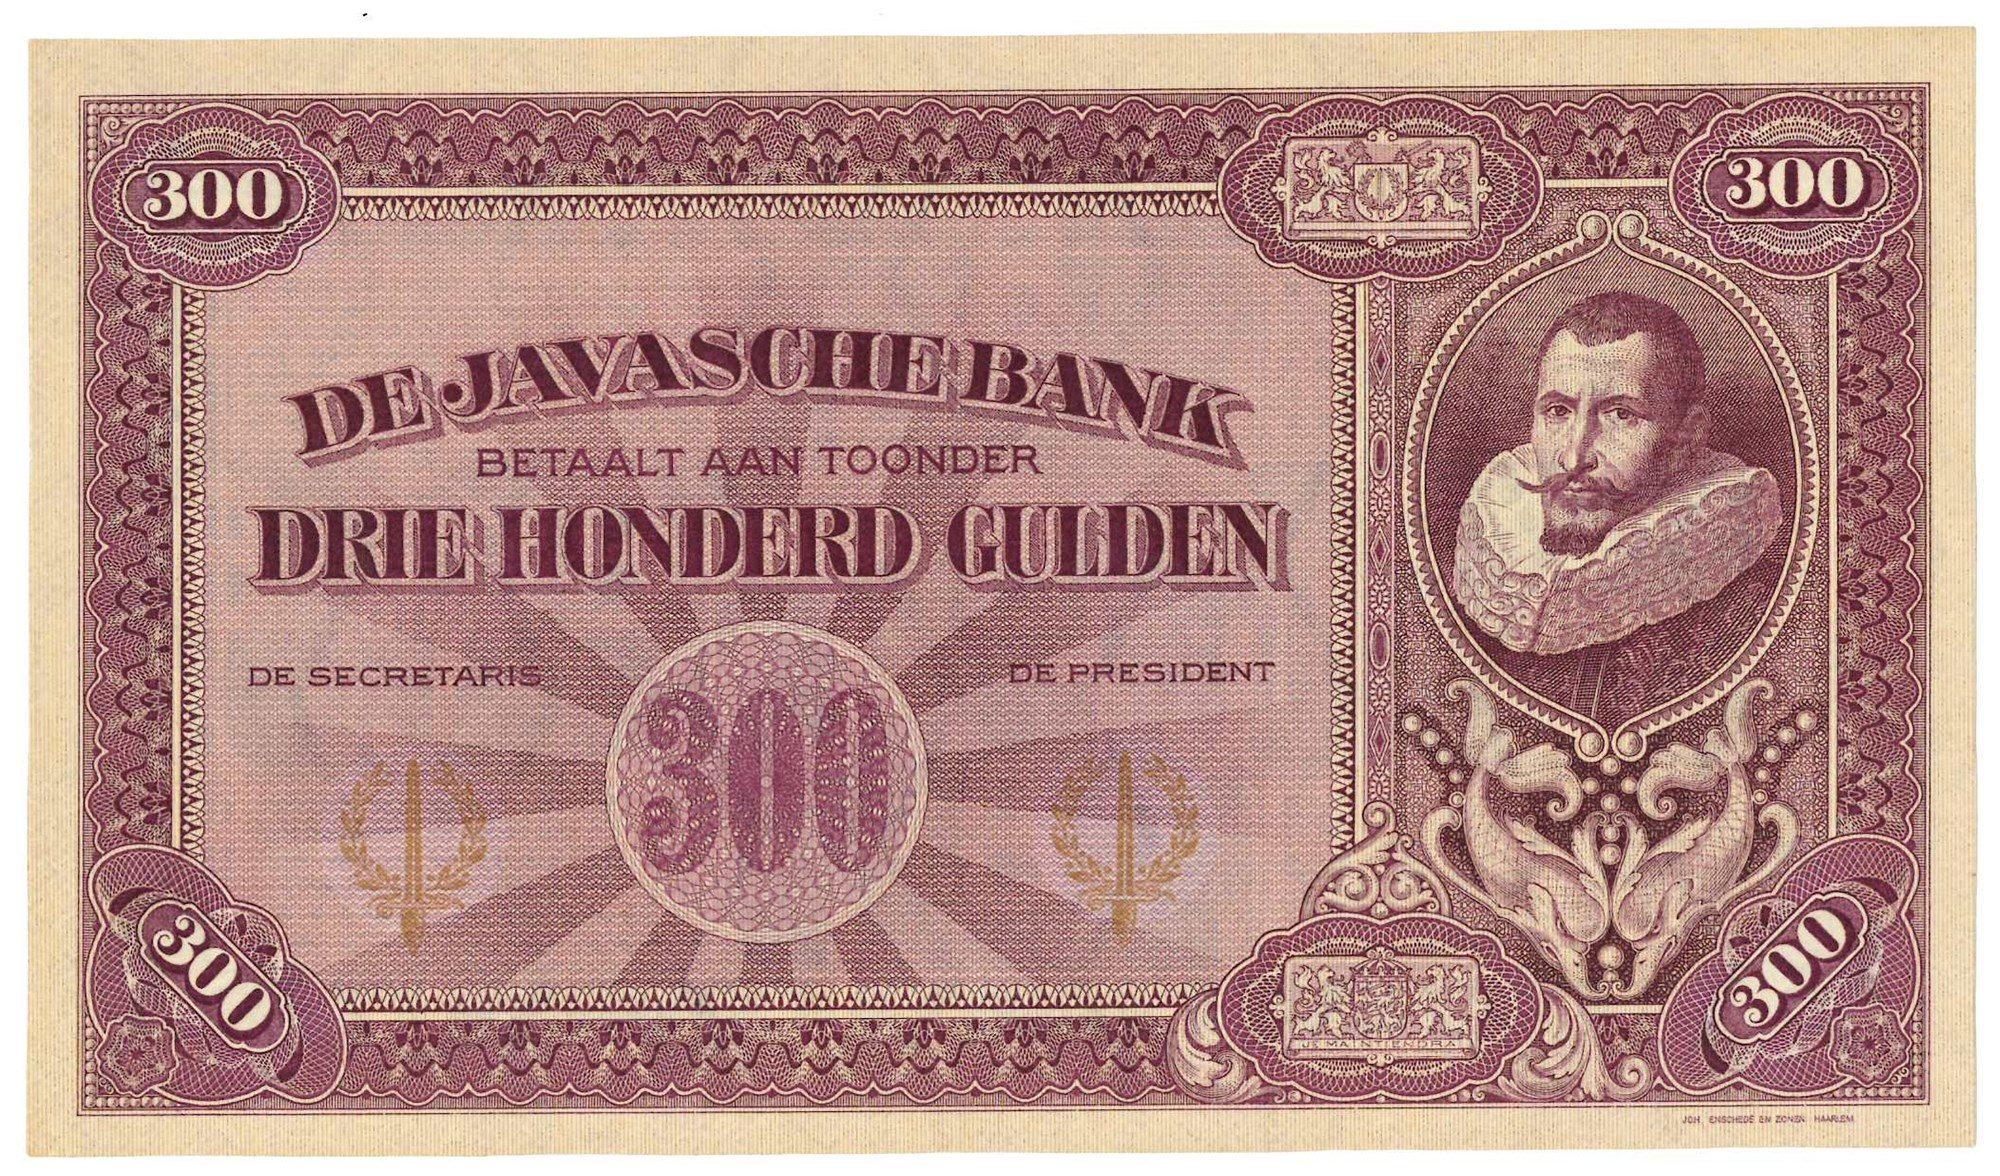 300 gulden 1925 Nederlands-Indië